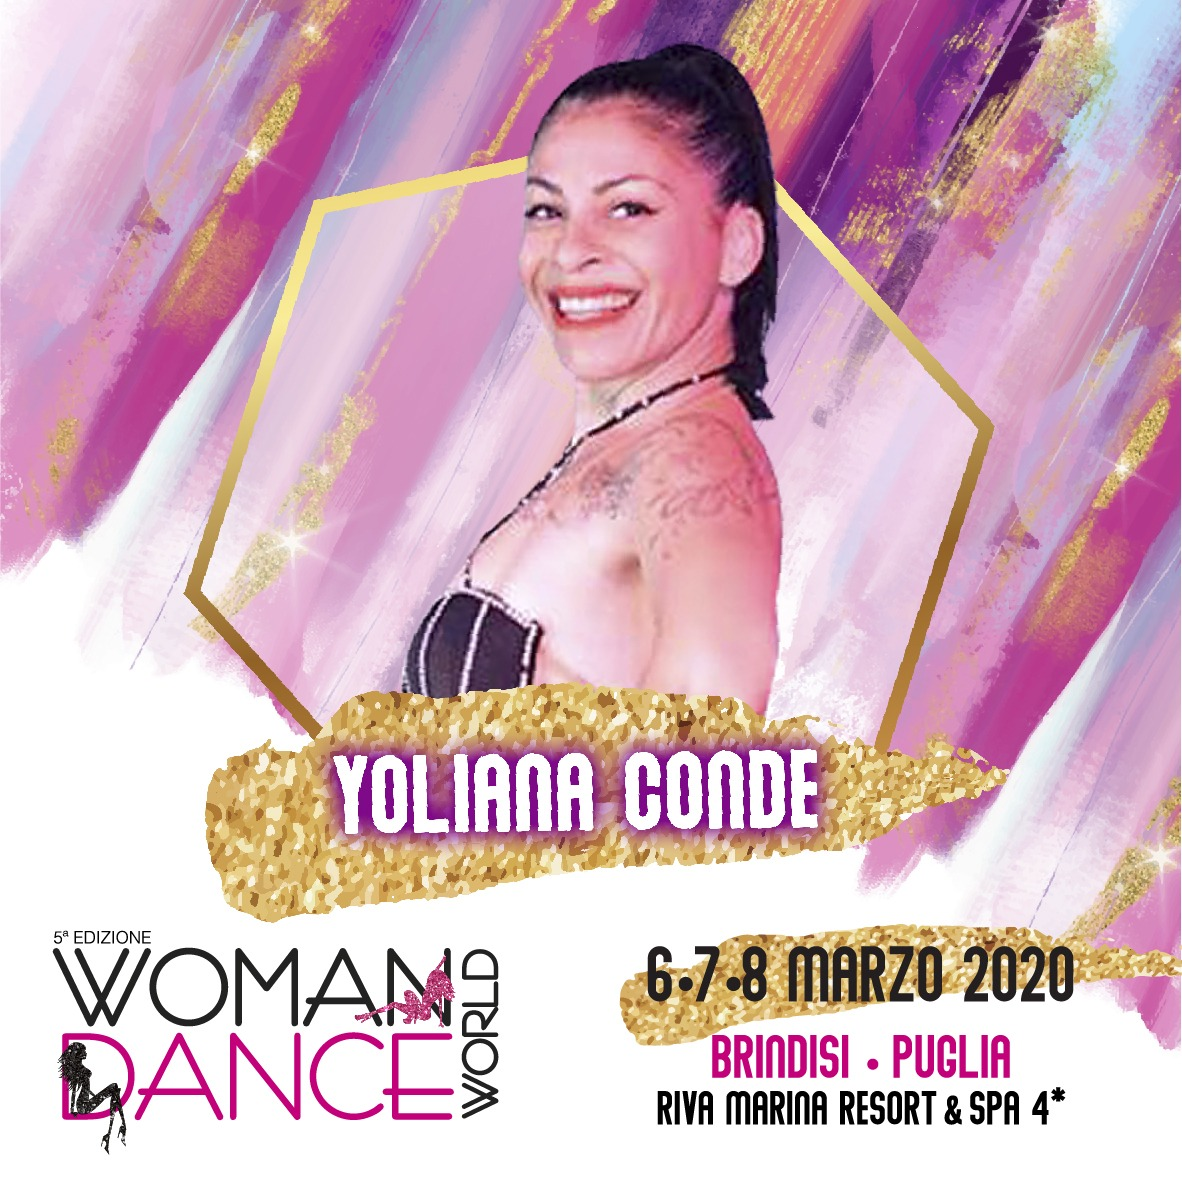 Yoliana Conde